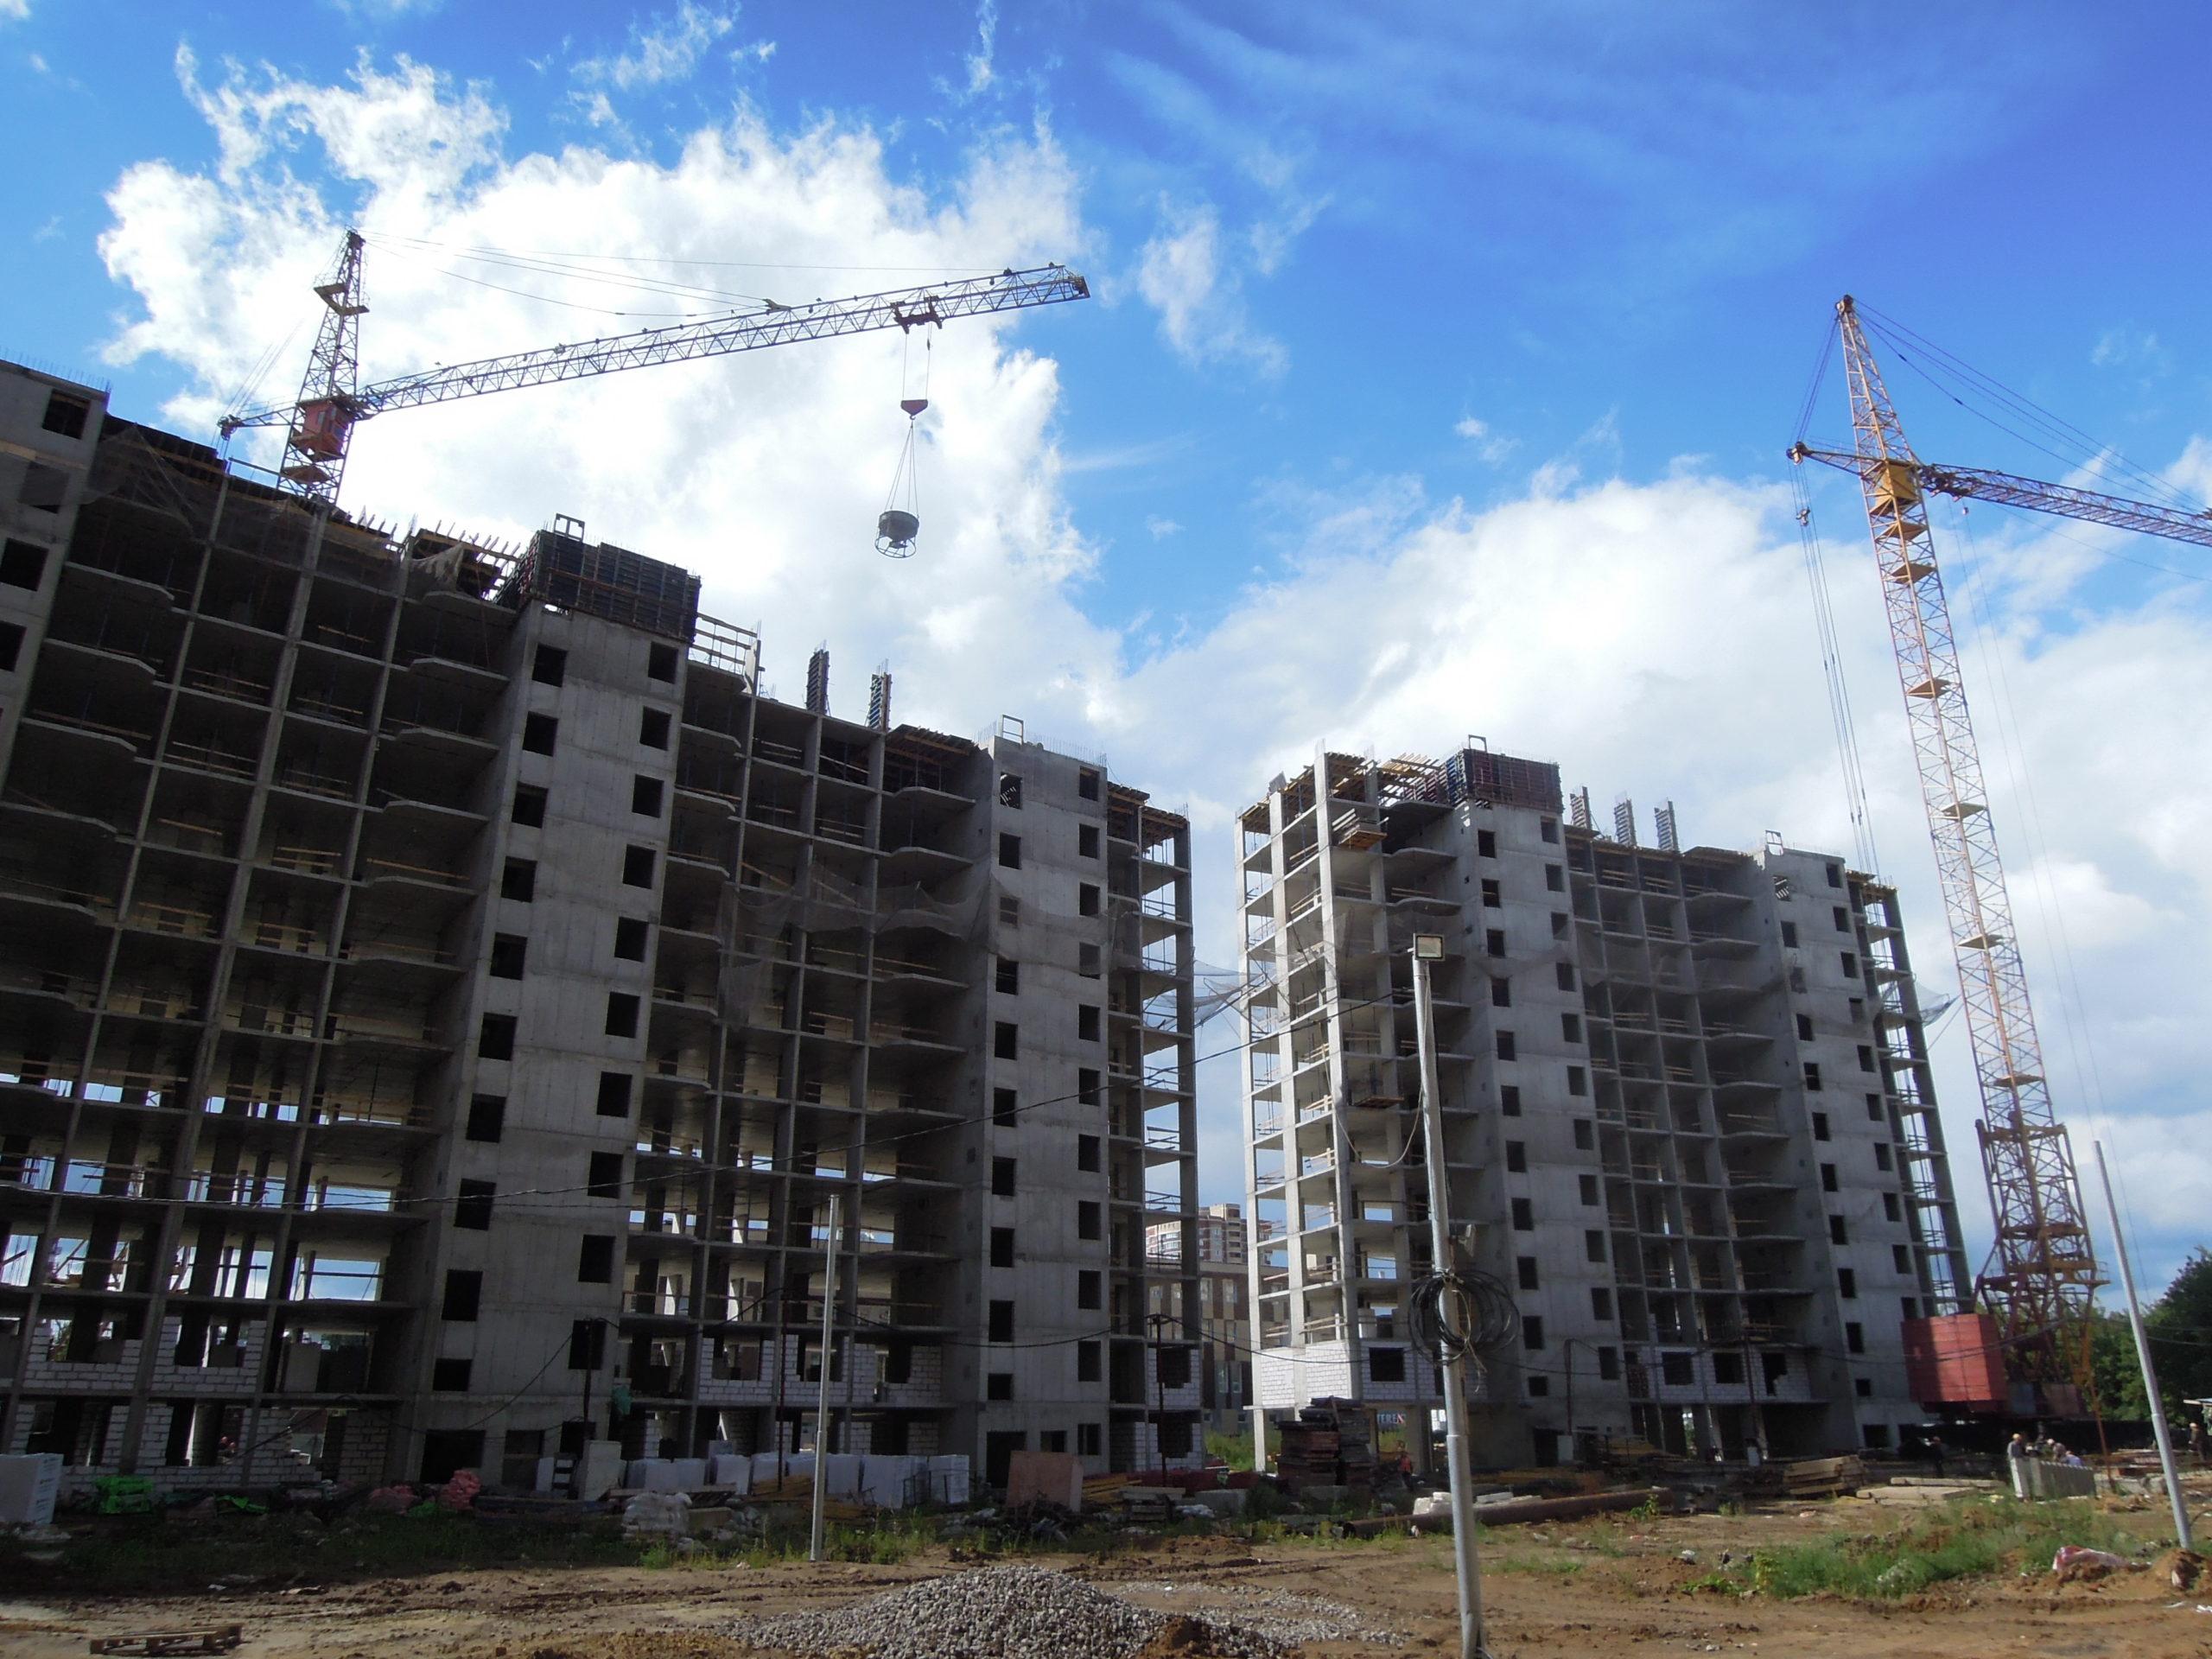 Информация о строительстве домов №2, №3 и №4 Южного квартала ЖК Новые Островцы от 2 сентября 2021 г.